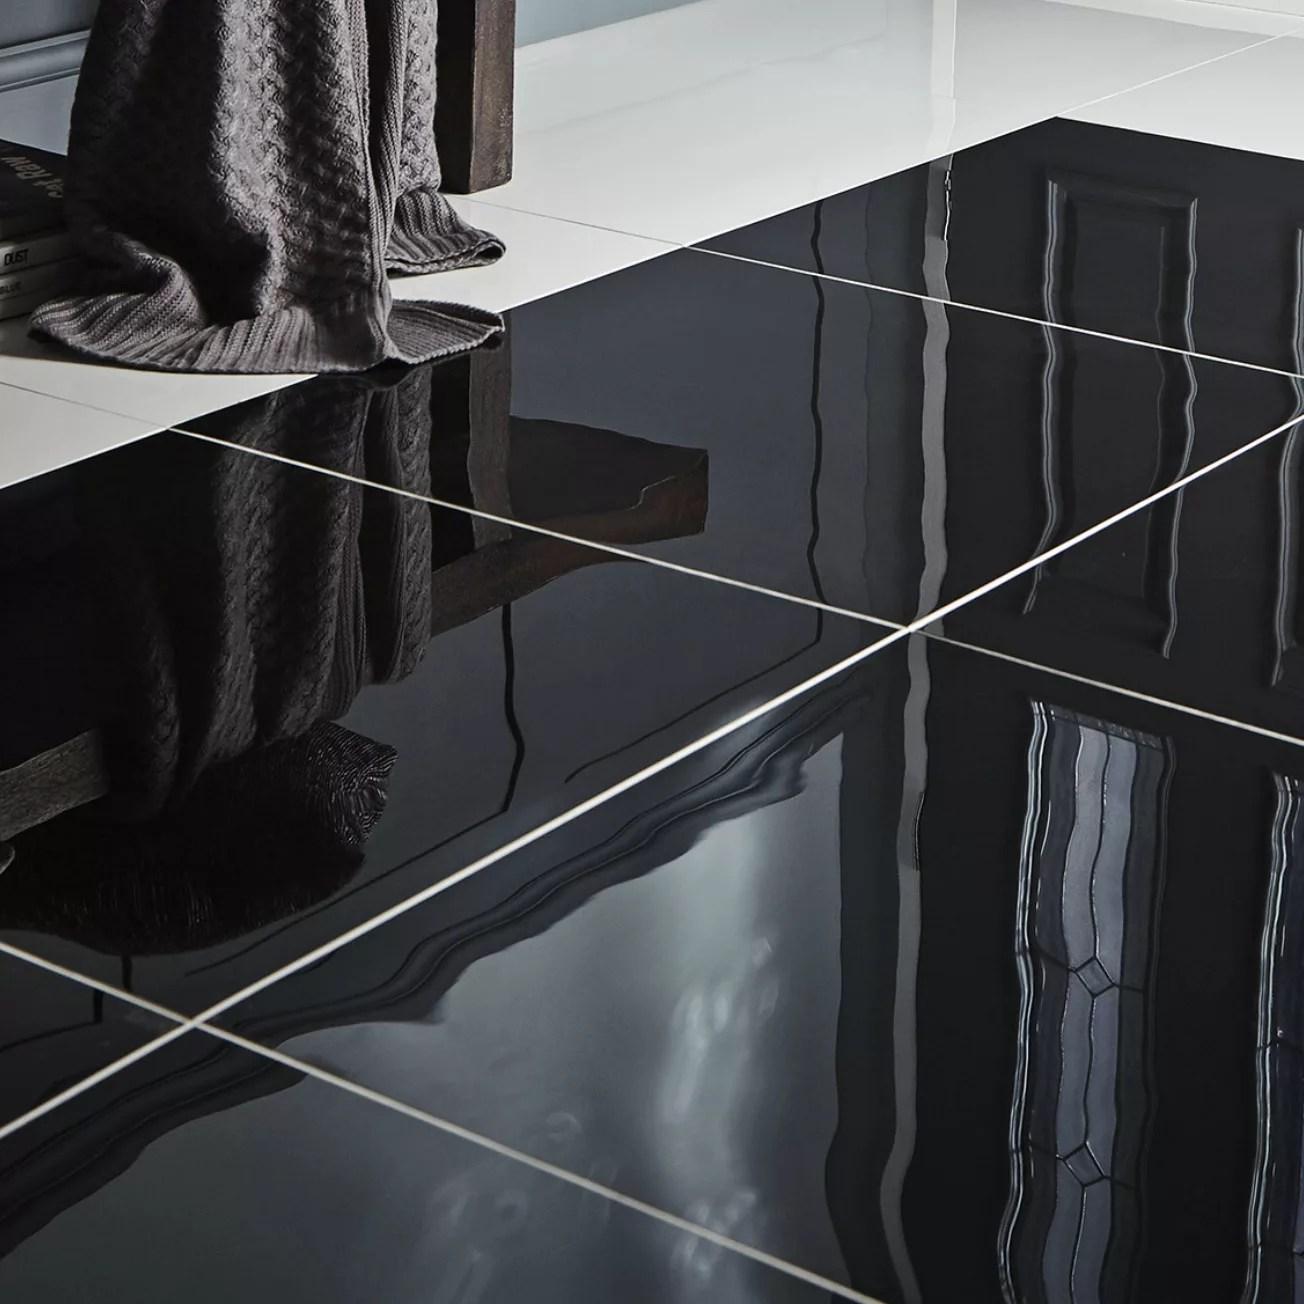 Livourne Black Polished Porcelain Floor tile Pack of 3